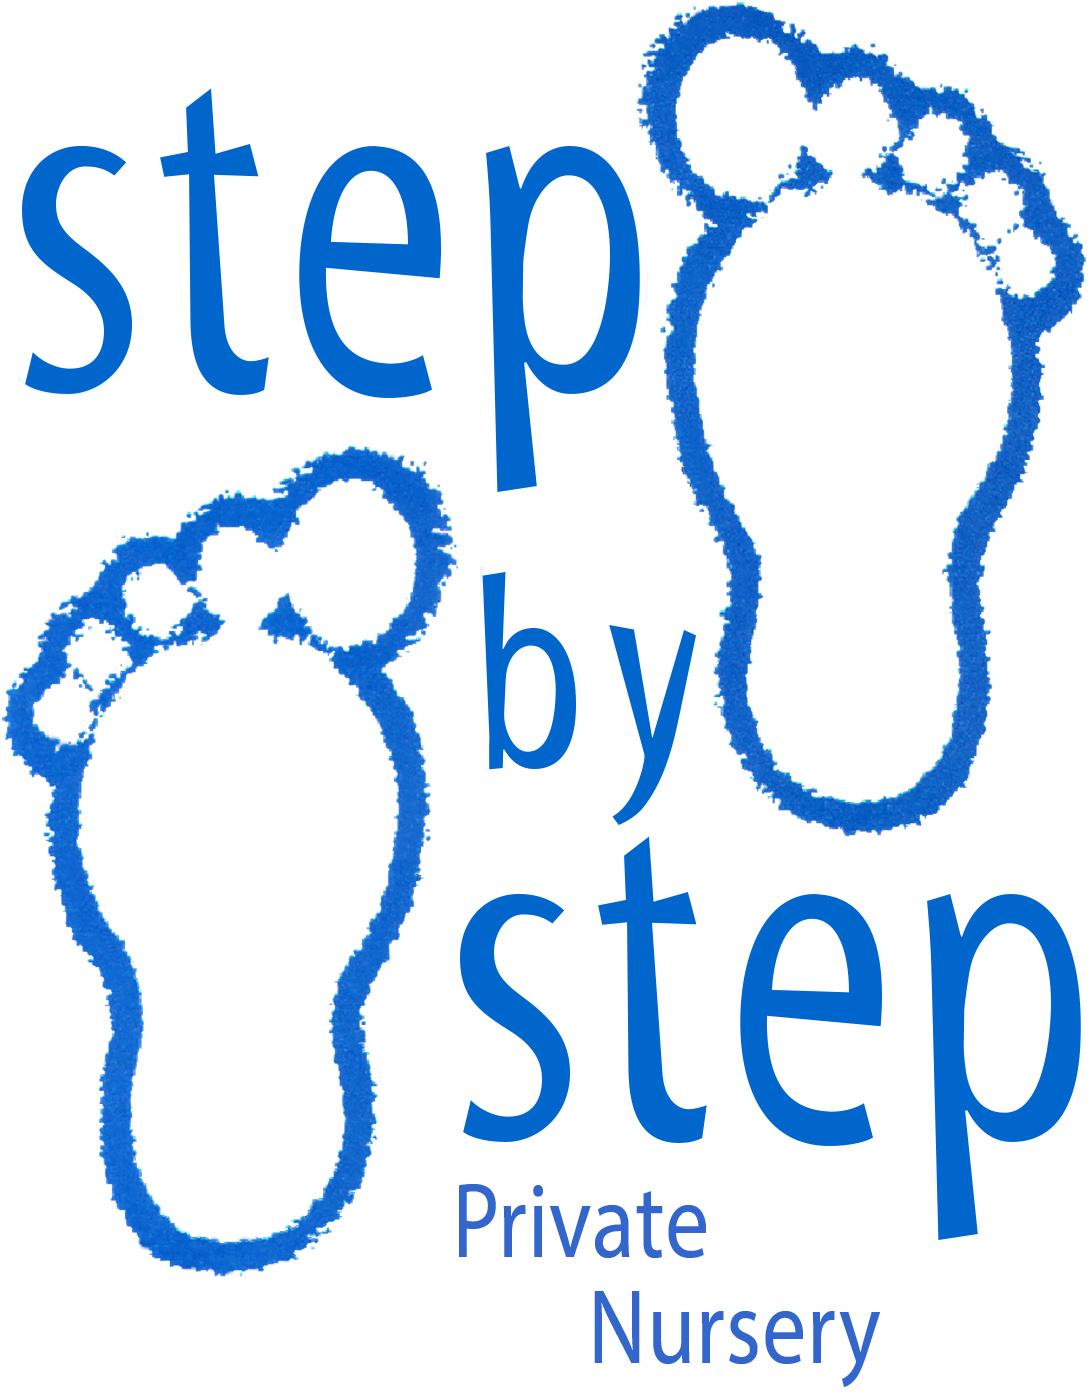 Step by Step Private Nursery Ltd